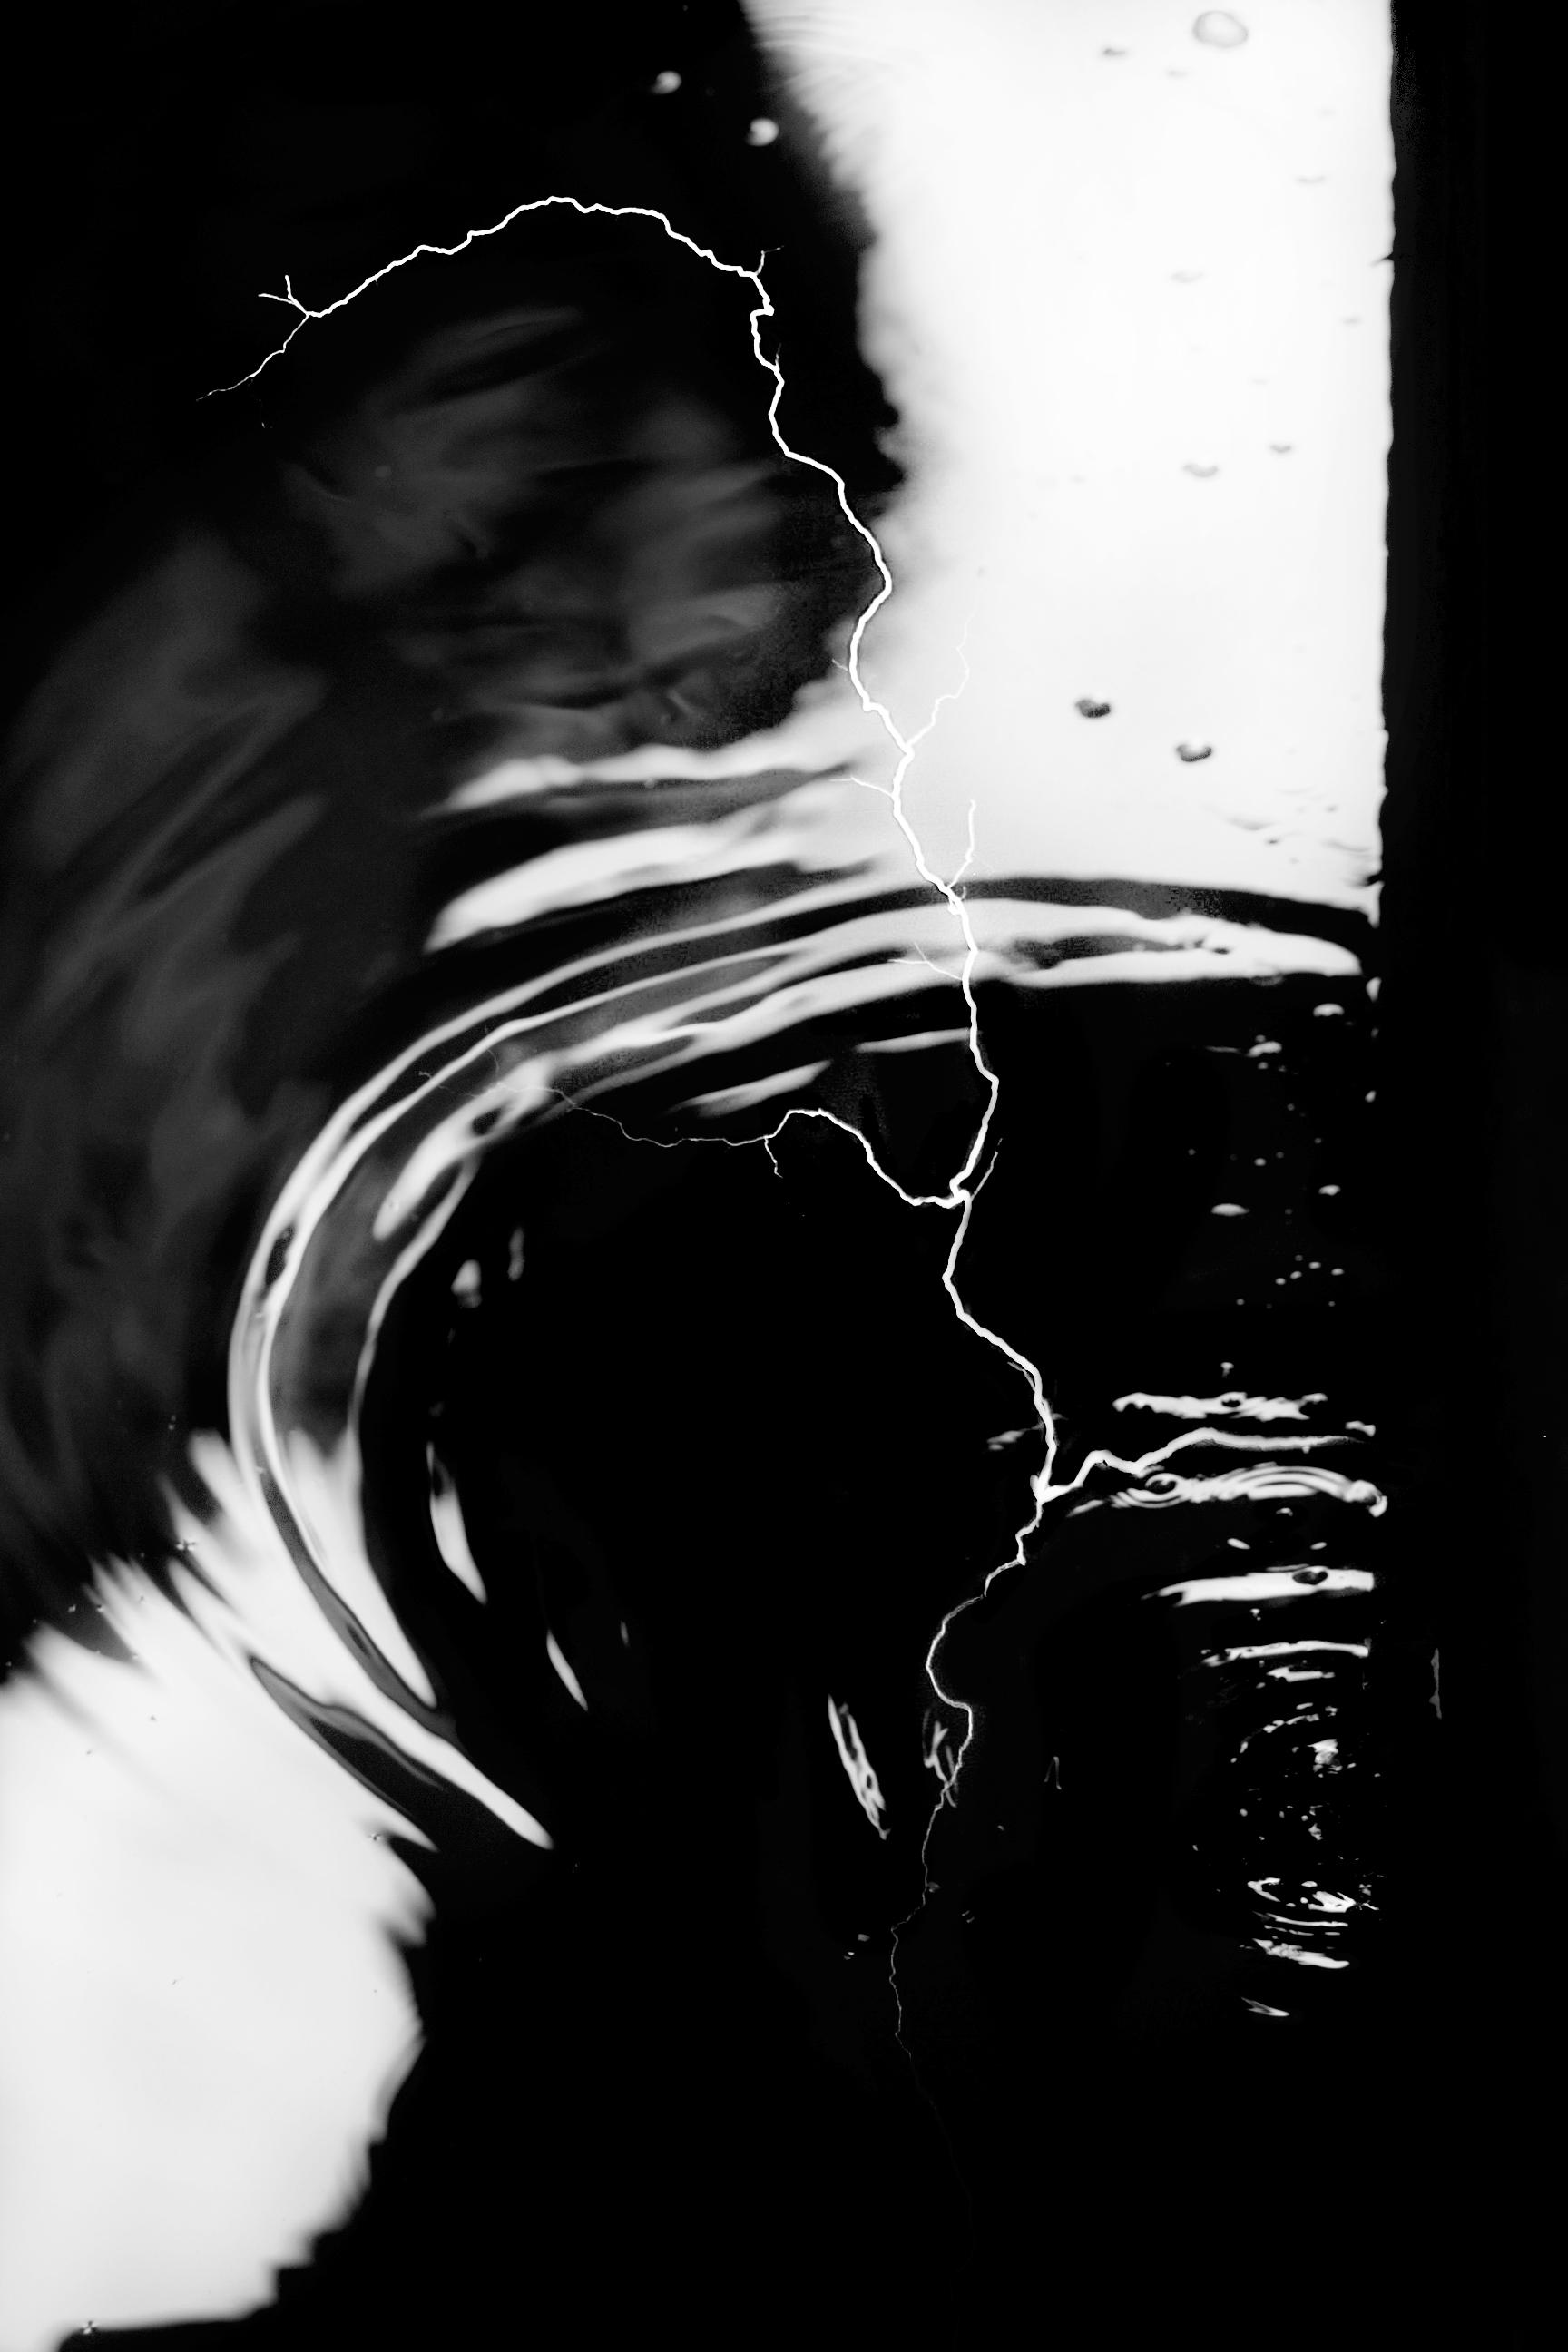 electrical-whirl-di-anna-laviosa-2016_ok